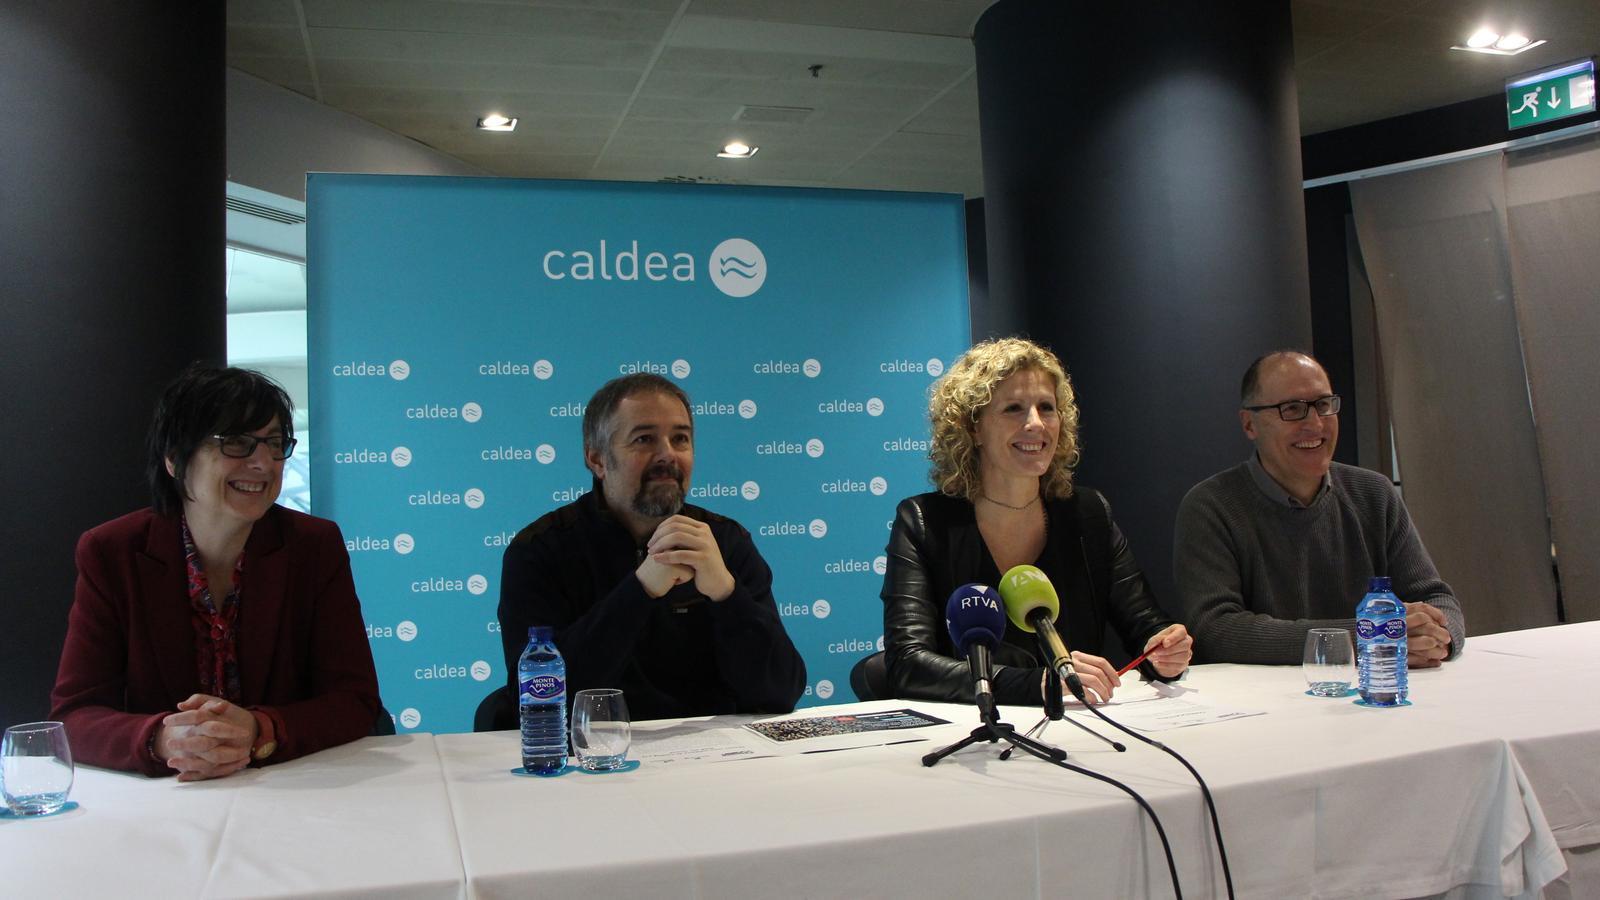 La directora d'Unicef Andorra, Marta Albech; el director de comunicació del MoraBanc Andorra, Gabriel Fernández; la directora del Club Caldea, Laurance Favrel, i el cap d'area d'esdeveniments i programació esportiva del comú d'Andorra la Vella, Josep Tudó. / C.A. (ANA)